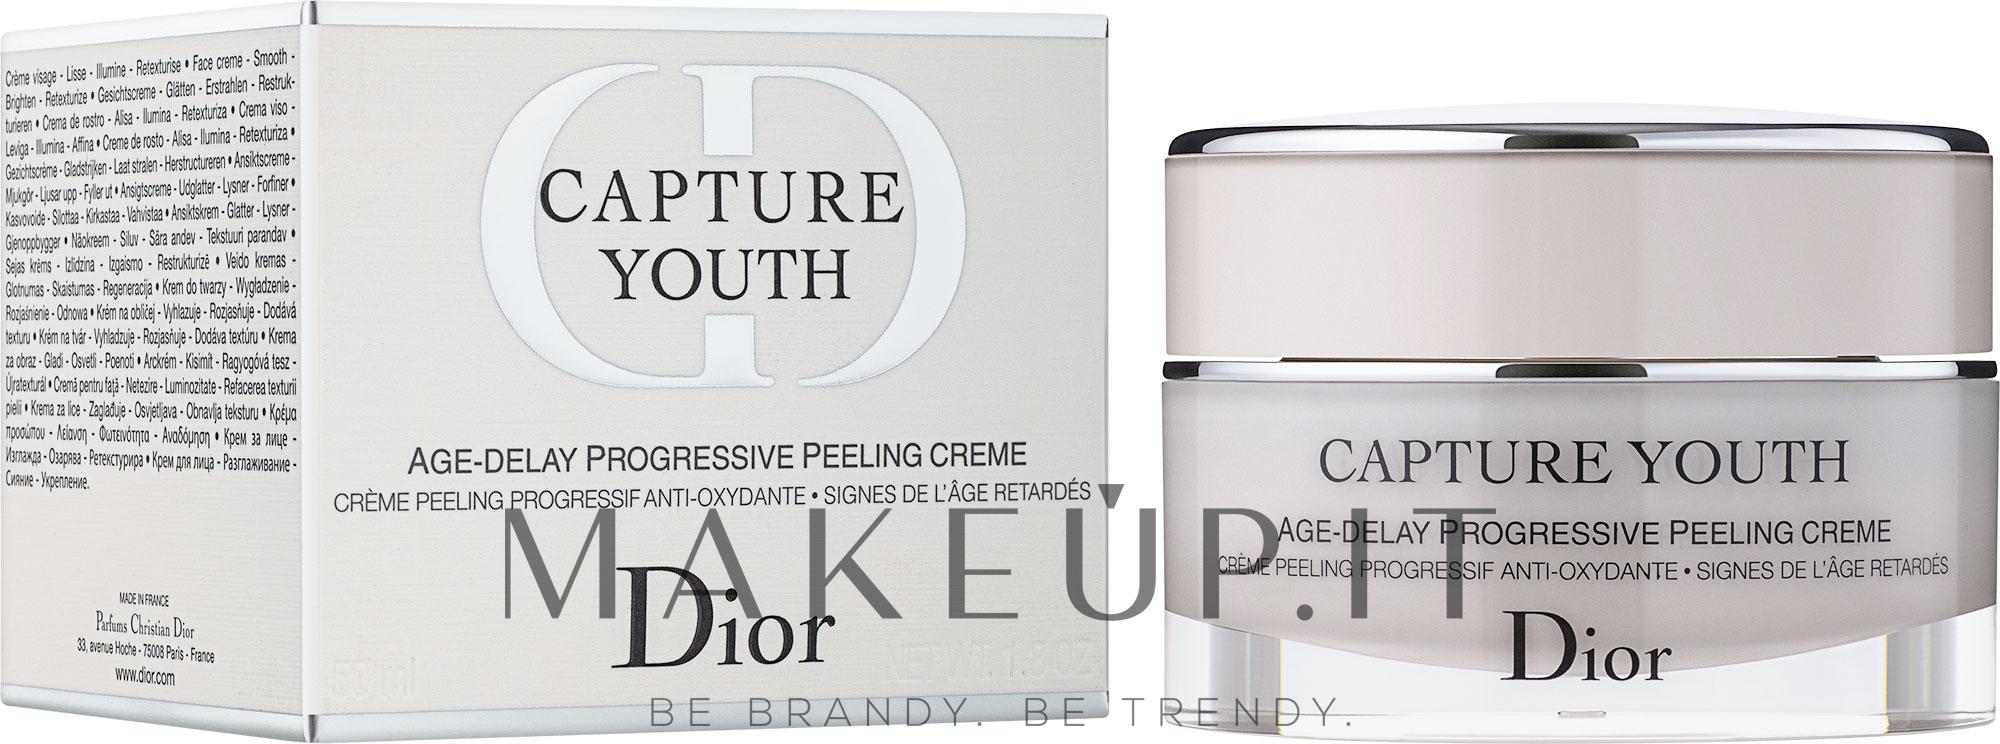 Crema-peeling anti-età - Dior Capture Youth Age-Delay Progressive Peeling Creme — foto 50 ml